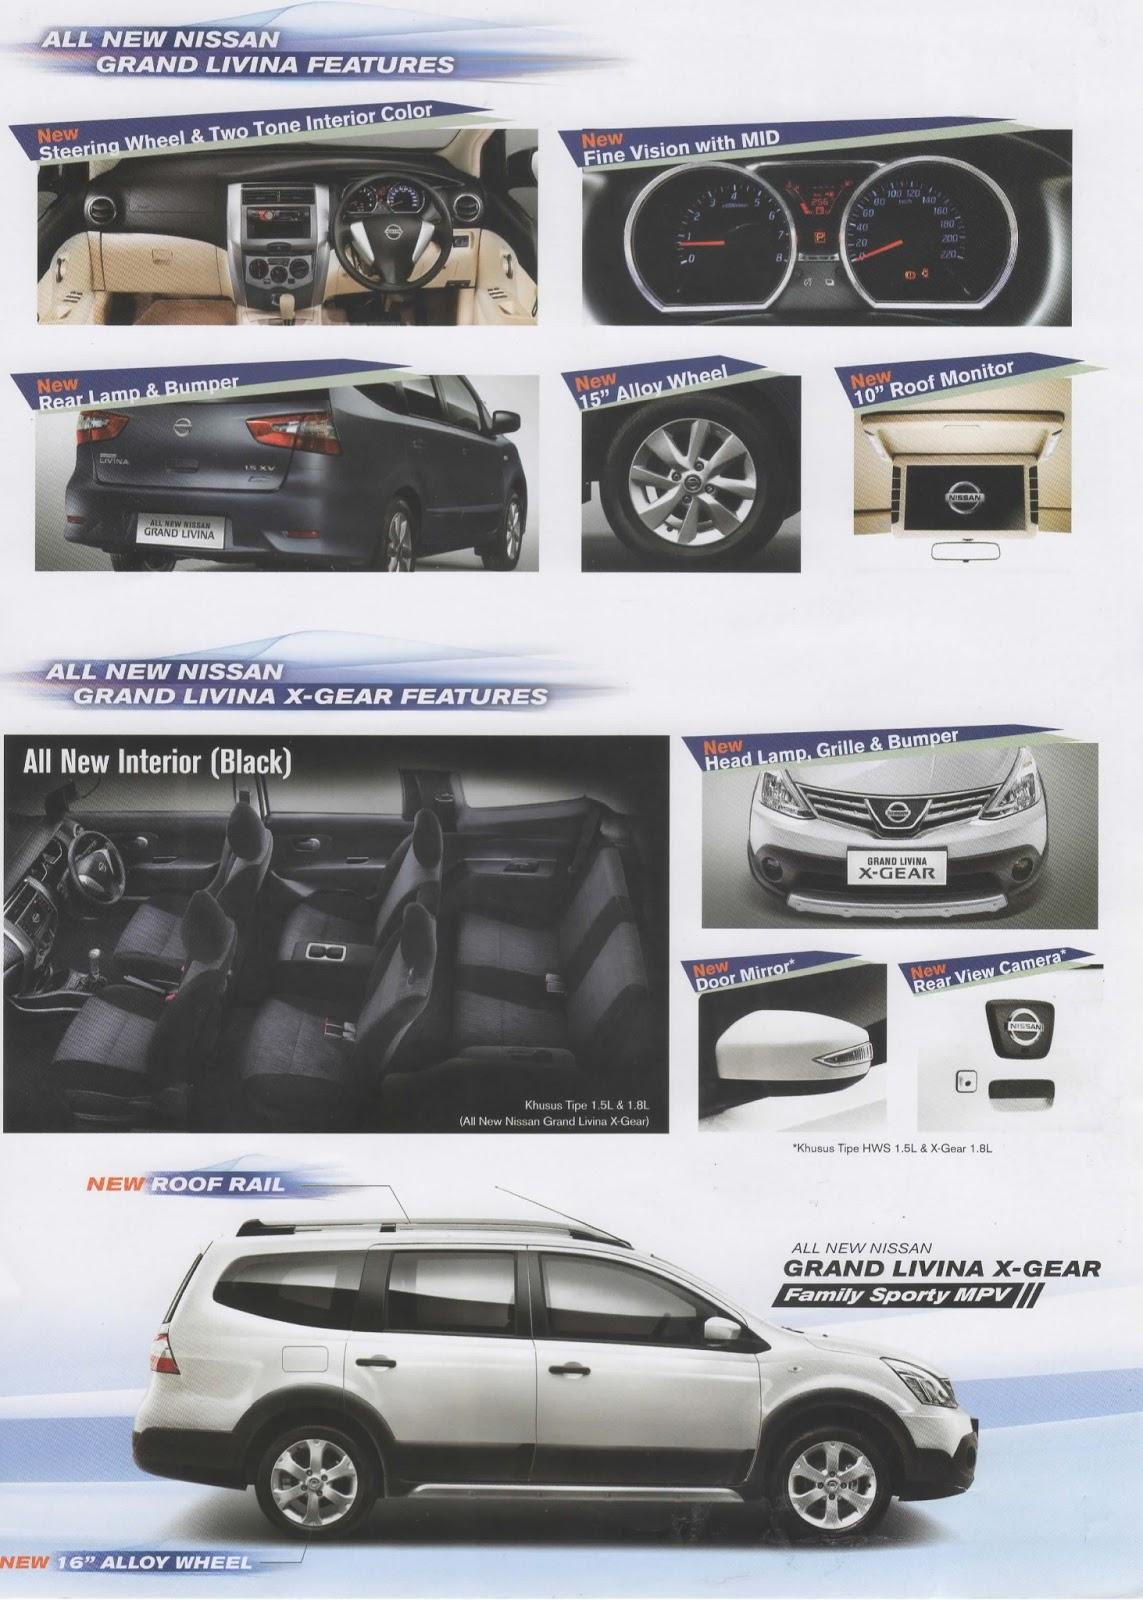 Dealer Nissan Jakarta Tangerang Depok Bekasi Eksterior All Nmax Abs Beberapa Fitur Tambahan Baru Yang Ada Pada New Grand Livina Menjadikan Sebagai Mobil Pilihan Seluruh Keluarga Aman Dan Nyaman Dikendarai